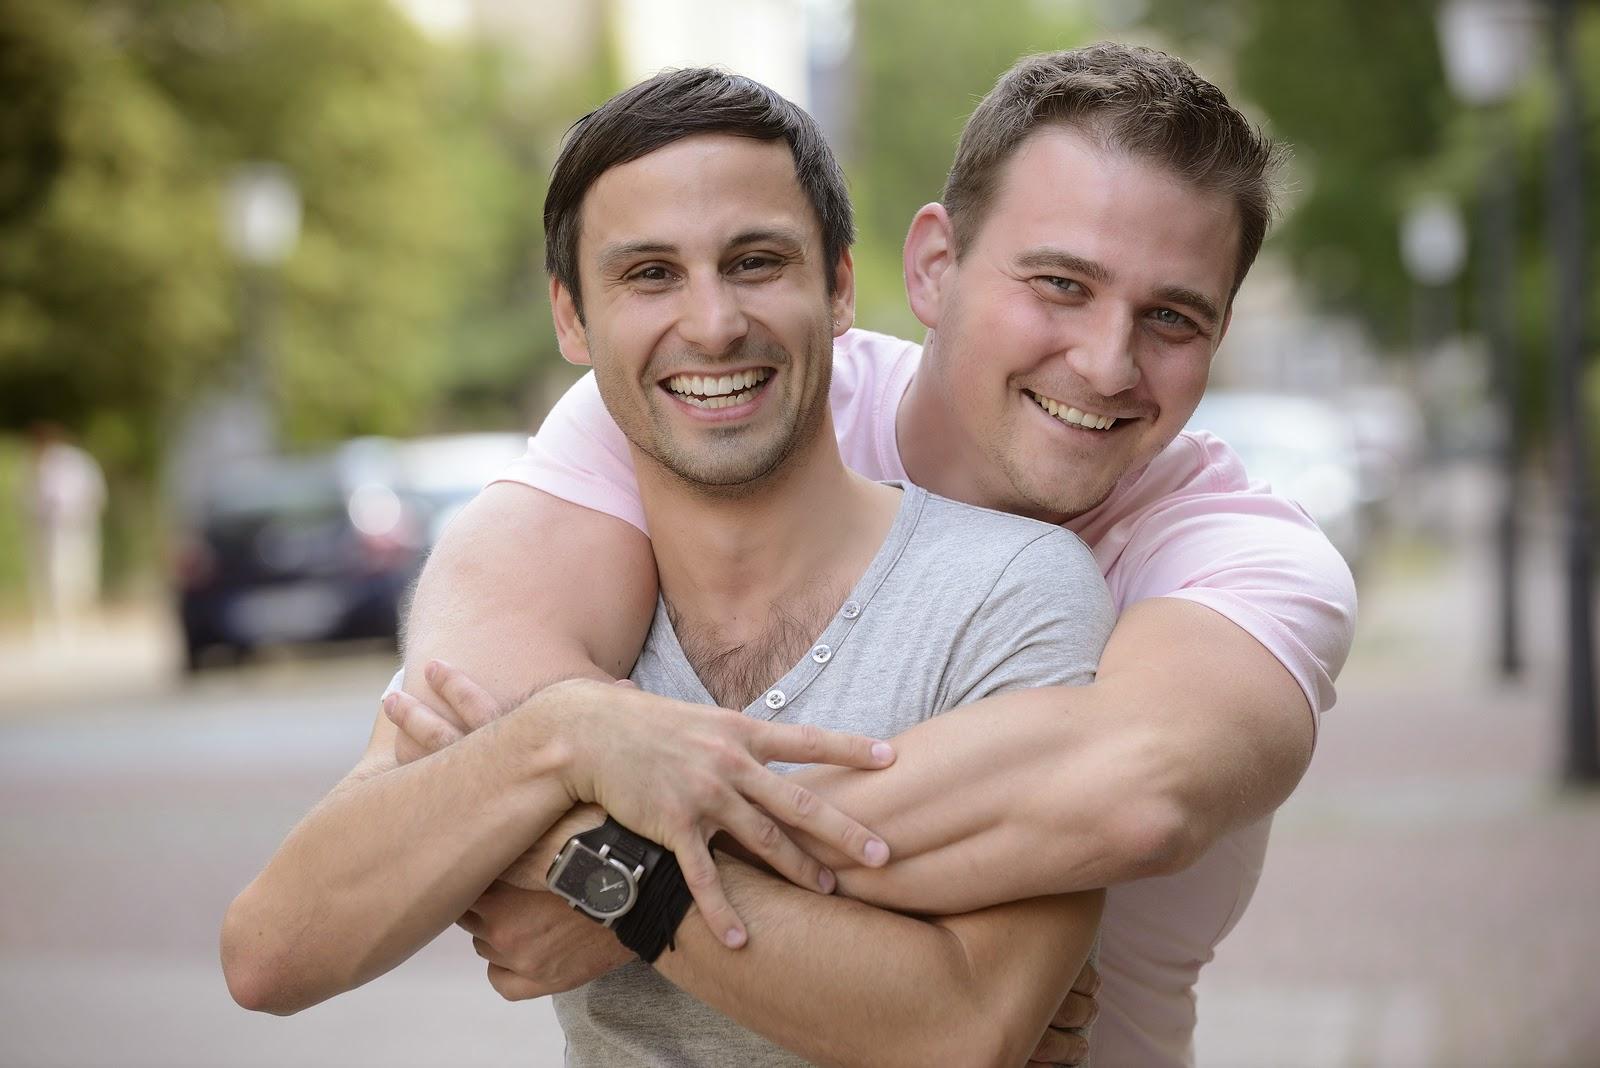 мужчины фото пара с парнем би трахаются